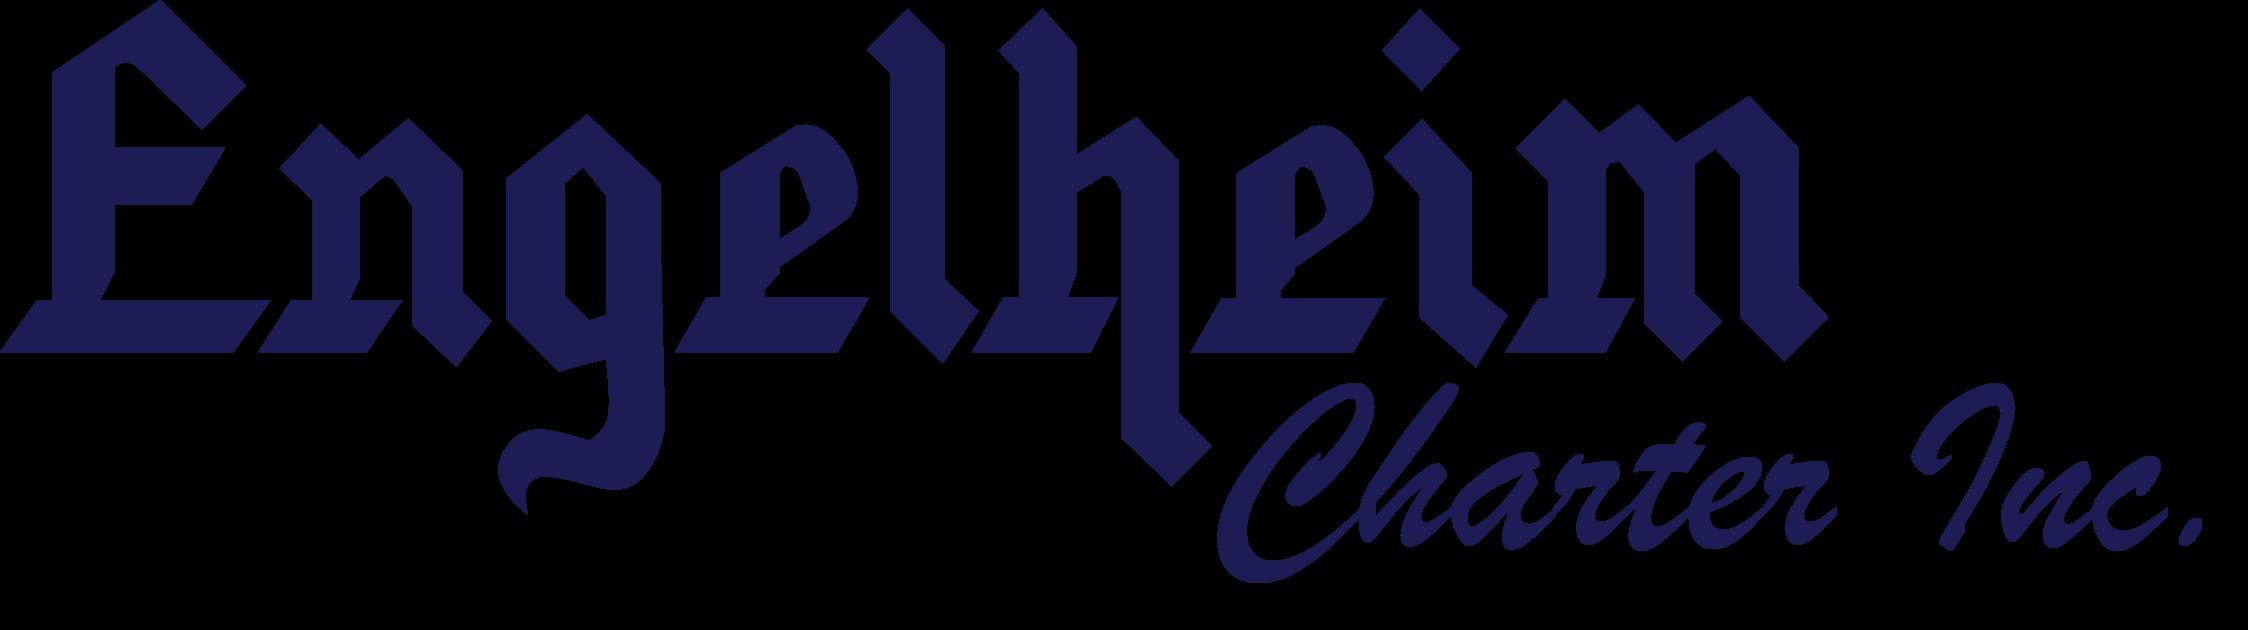 Engelheim